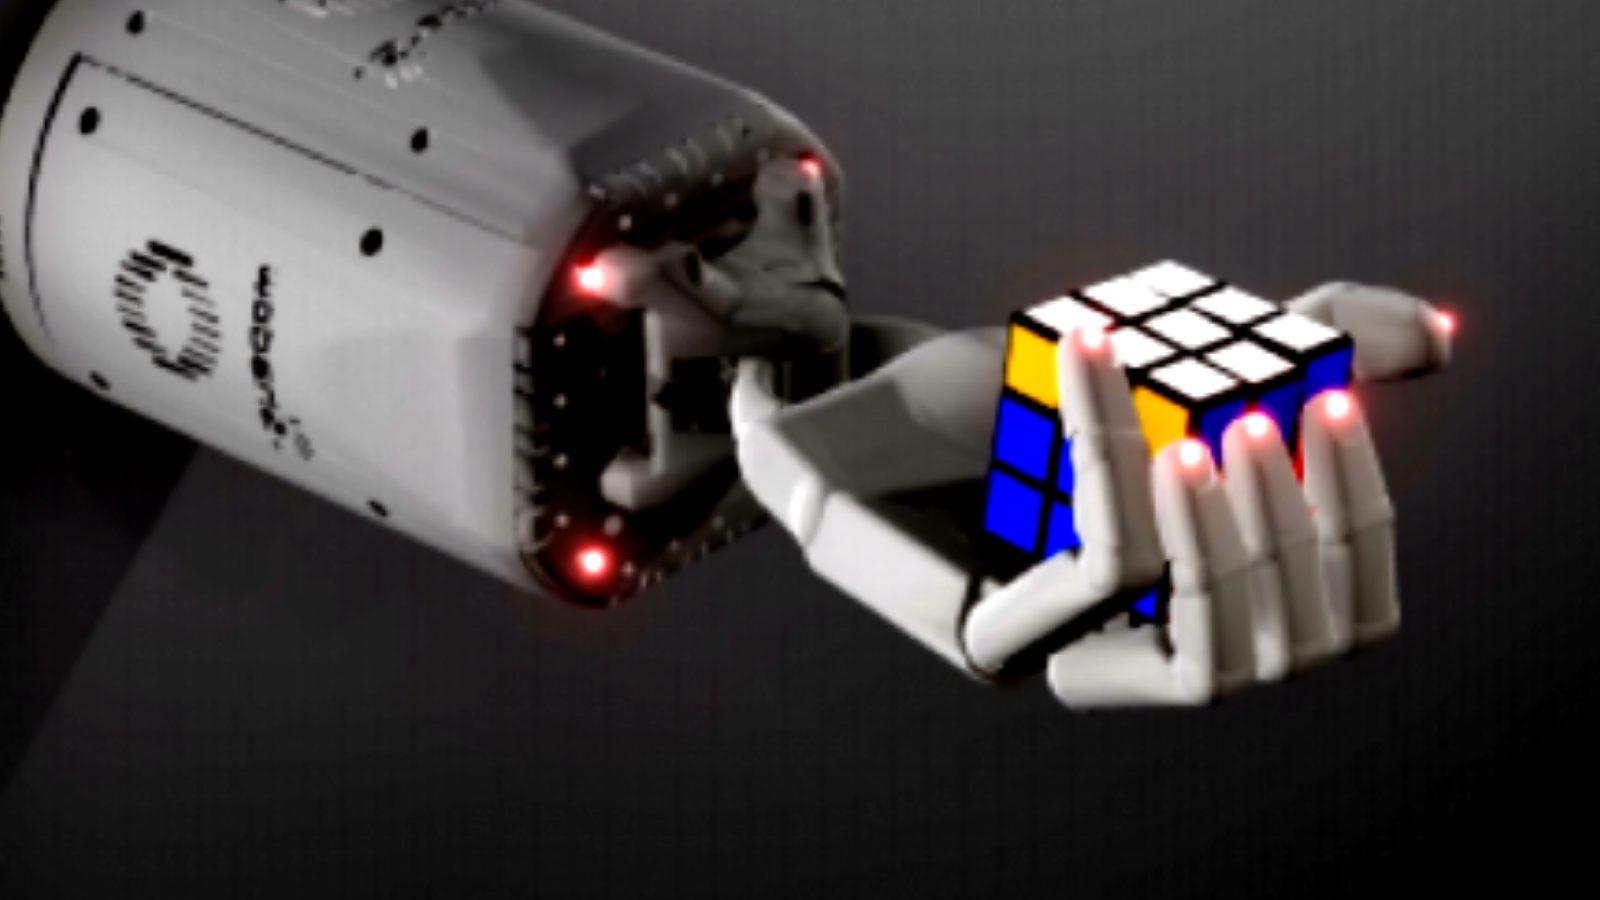 【OpenAI】ロボットハンドとAIでルービックキューブを解く理由(論文解説)